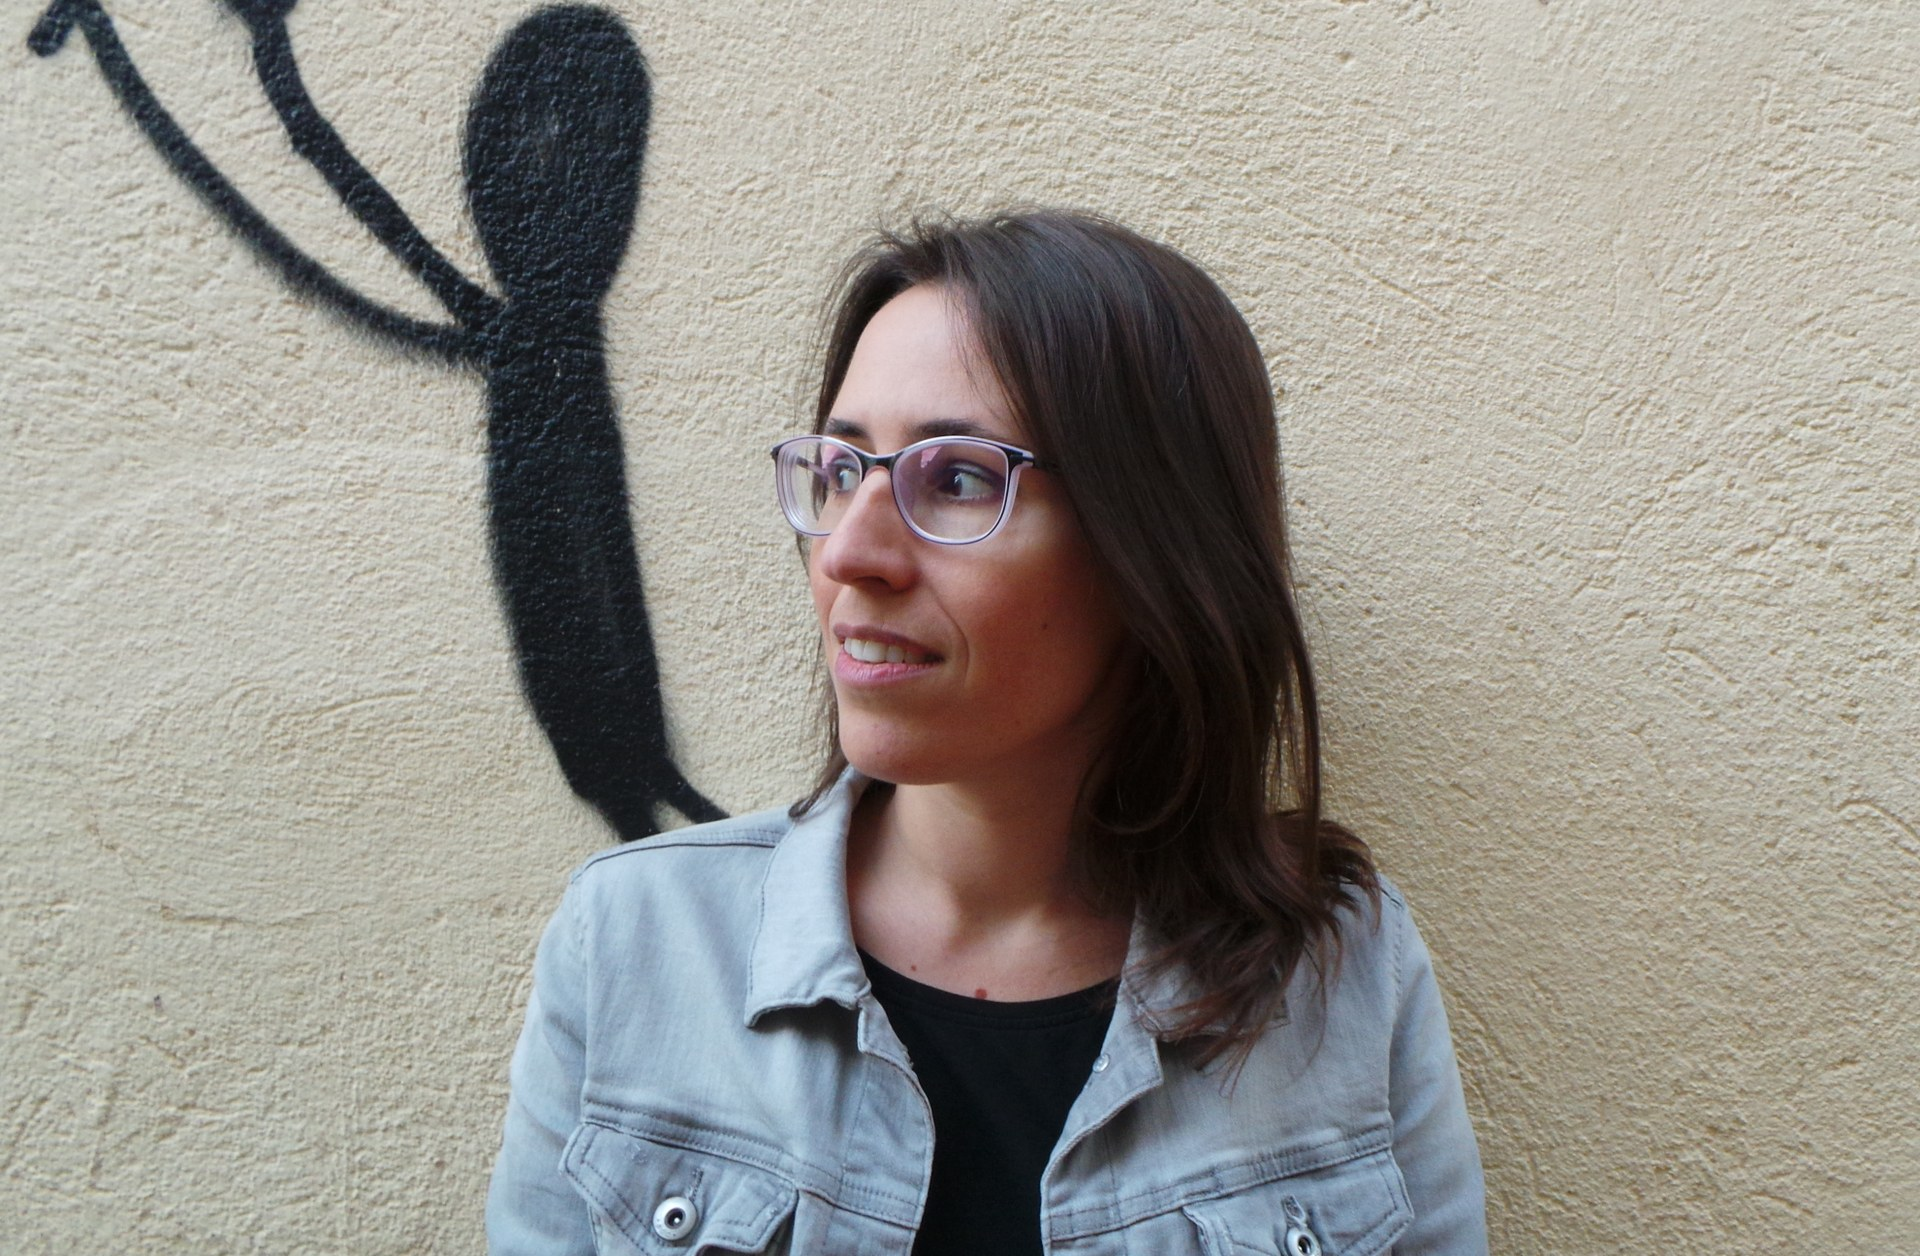 Presentació de la novel·la 'Boulder', amb Eva Baltasar, autora de l'obra.